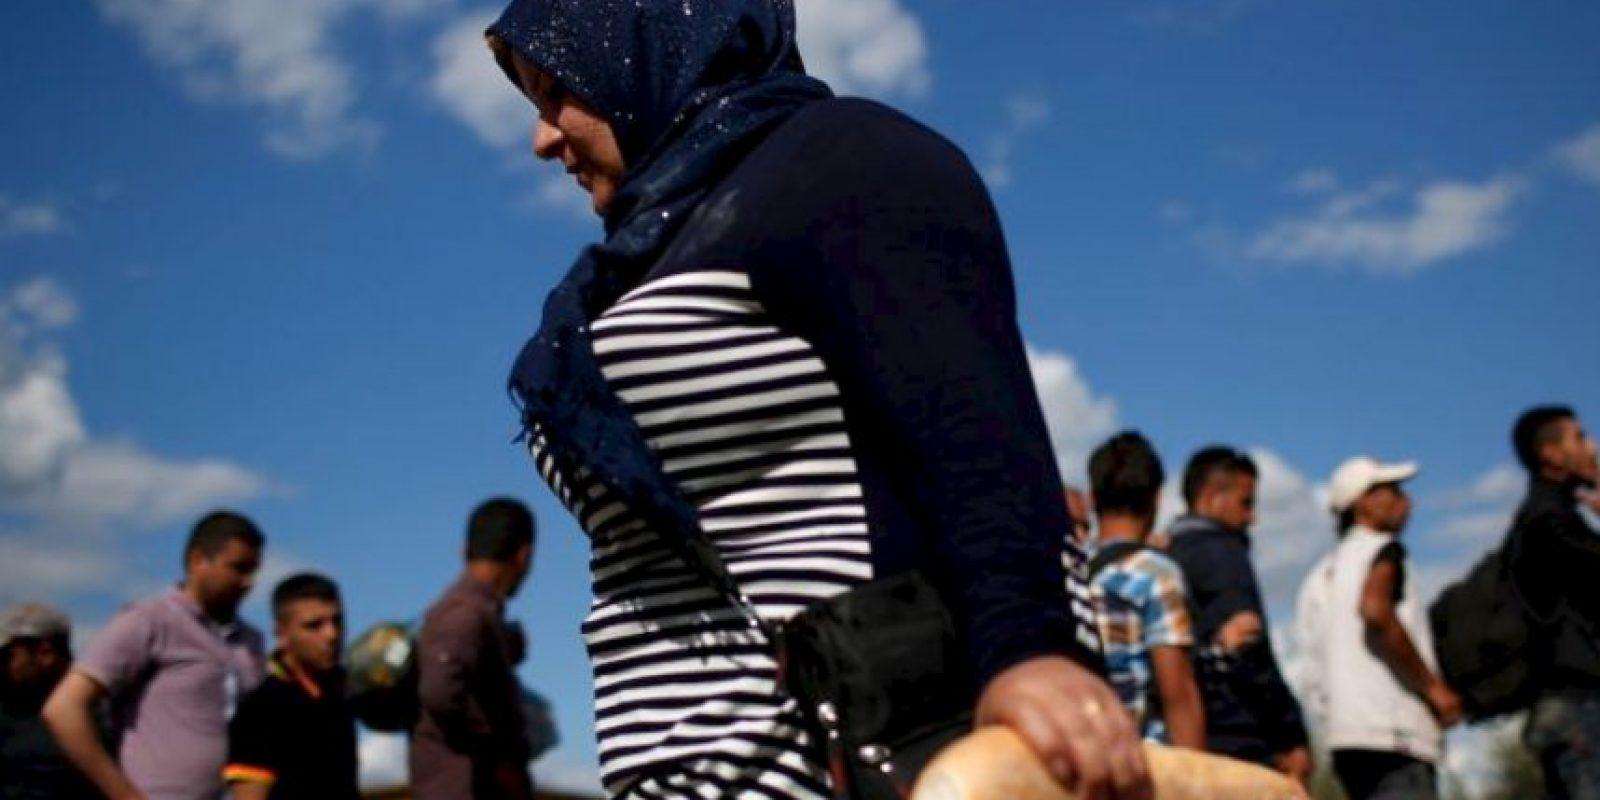 2. Enfrentamiento entre rebeldes y ejército: diversas fuerzas de oposición se enfrentan al ejército de al Assad y entre ellas mismas. Foto:vía AFP